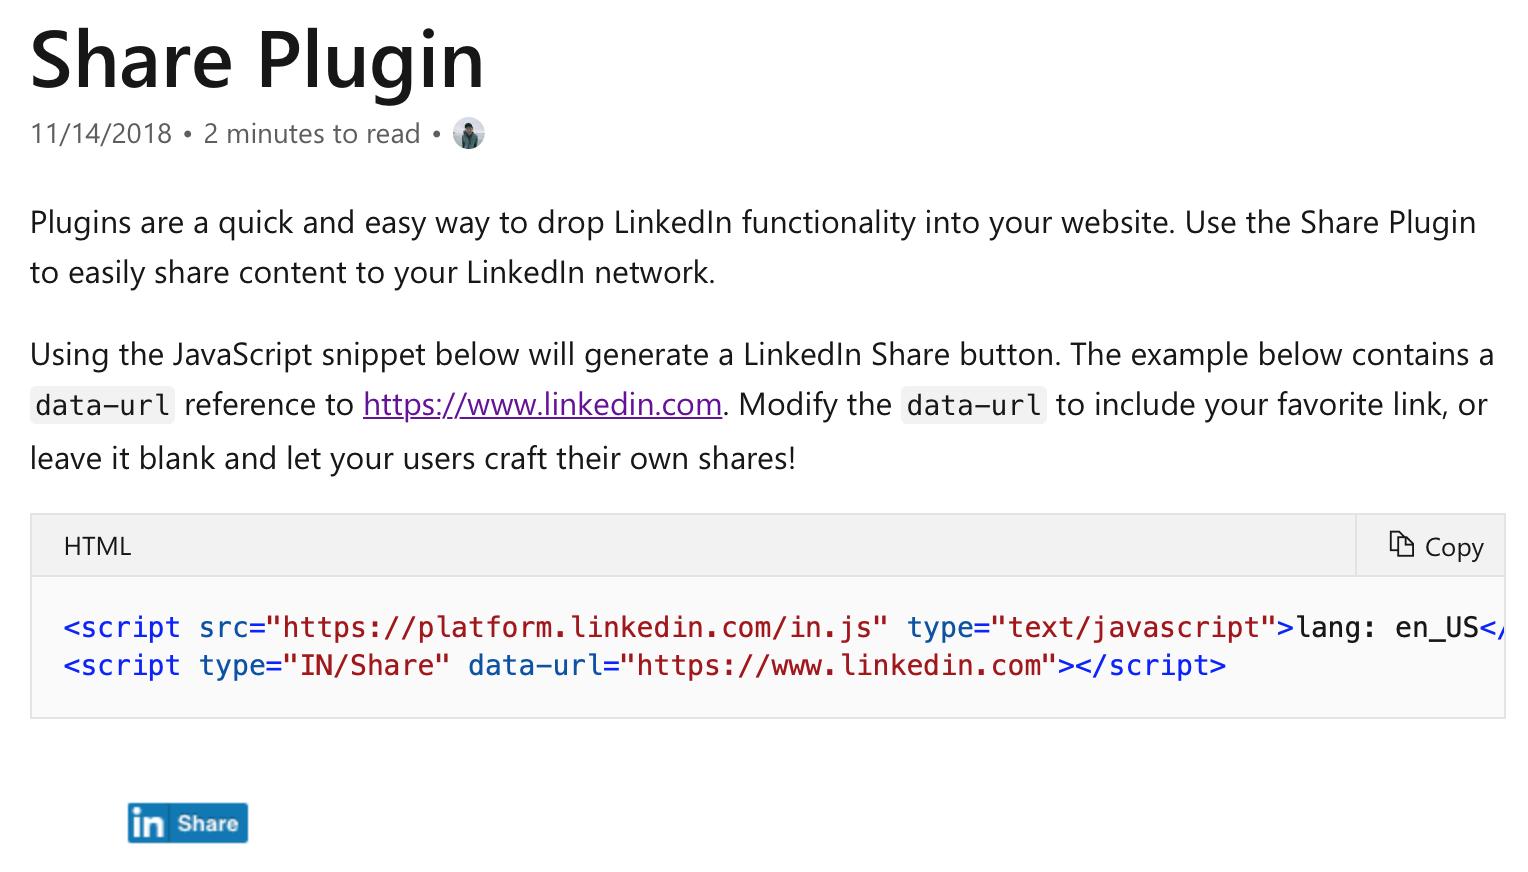 Cómo generar botón 'share' de LinkedIn para mi web